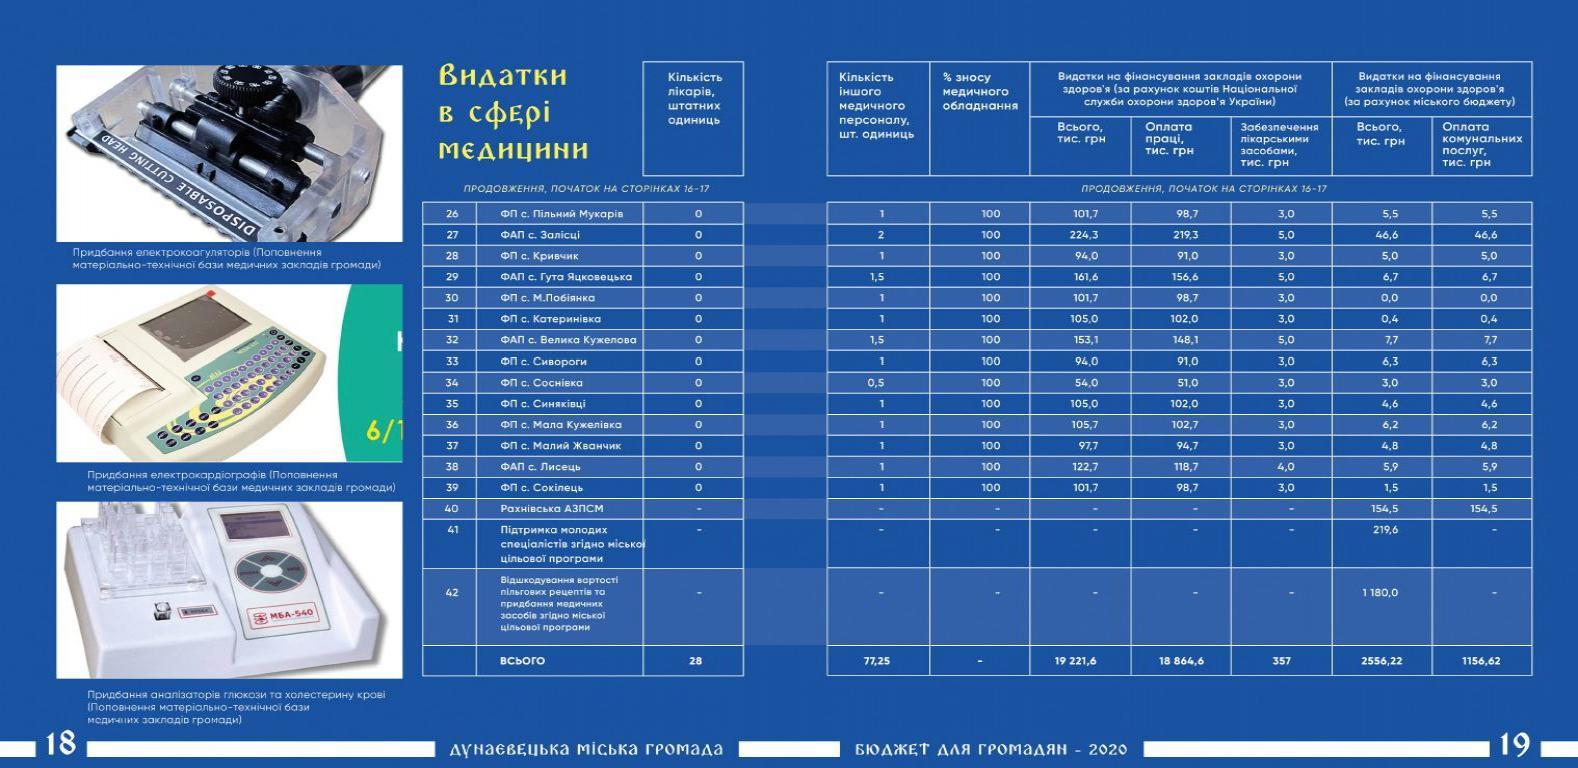 http://dunrada.gov.ua/uploadfile/archive_news/2020/06/26/2020-06-26_9236/images/images-78564.jpg